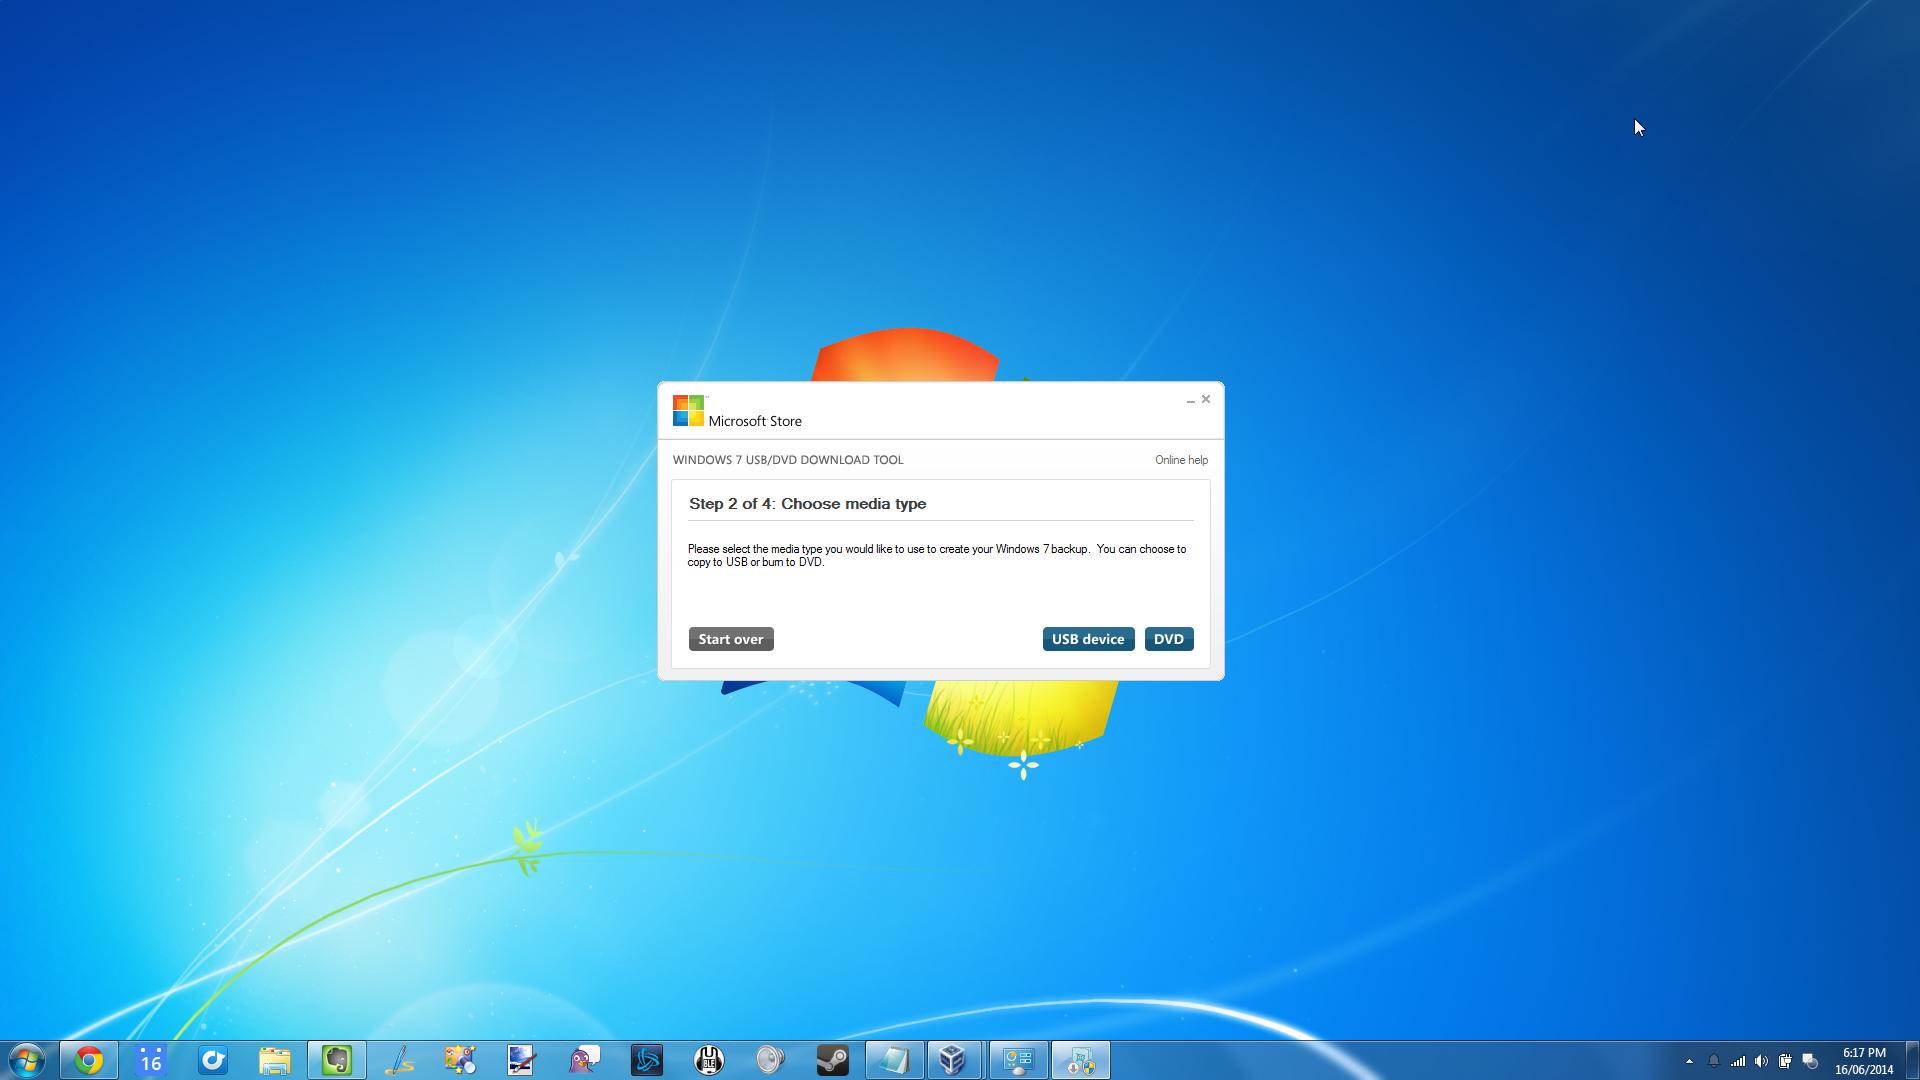 installation media for windows 7